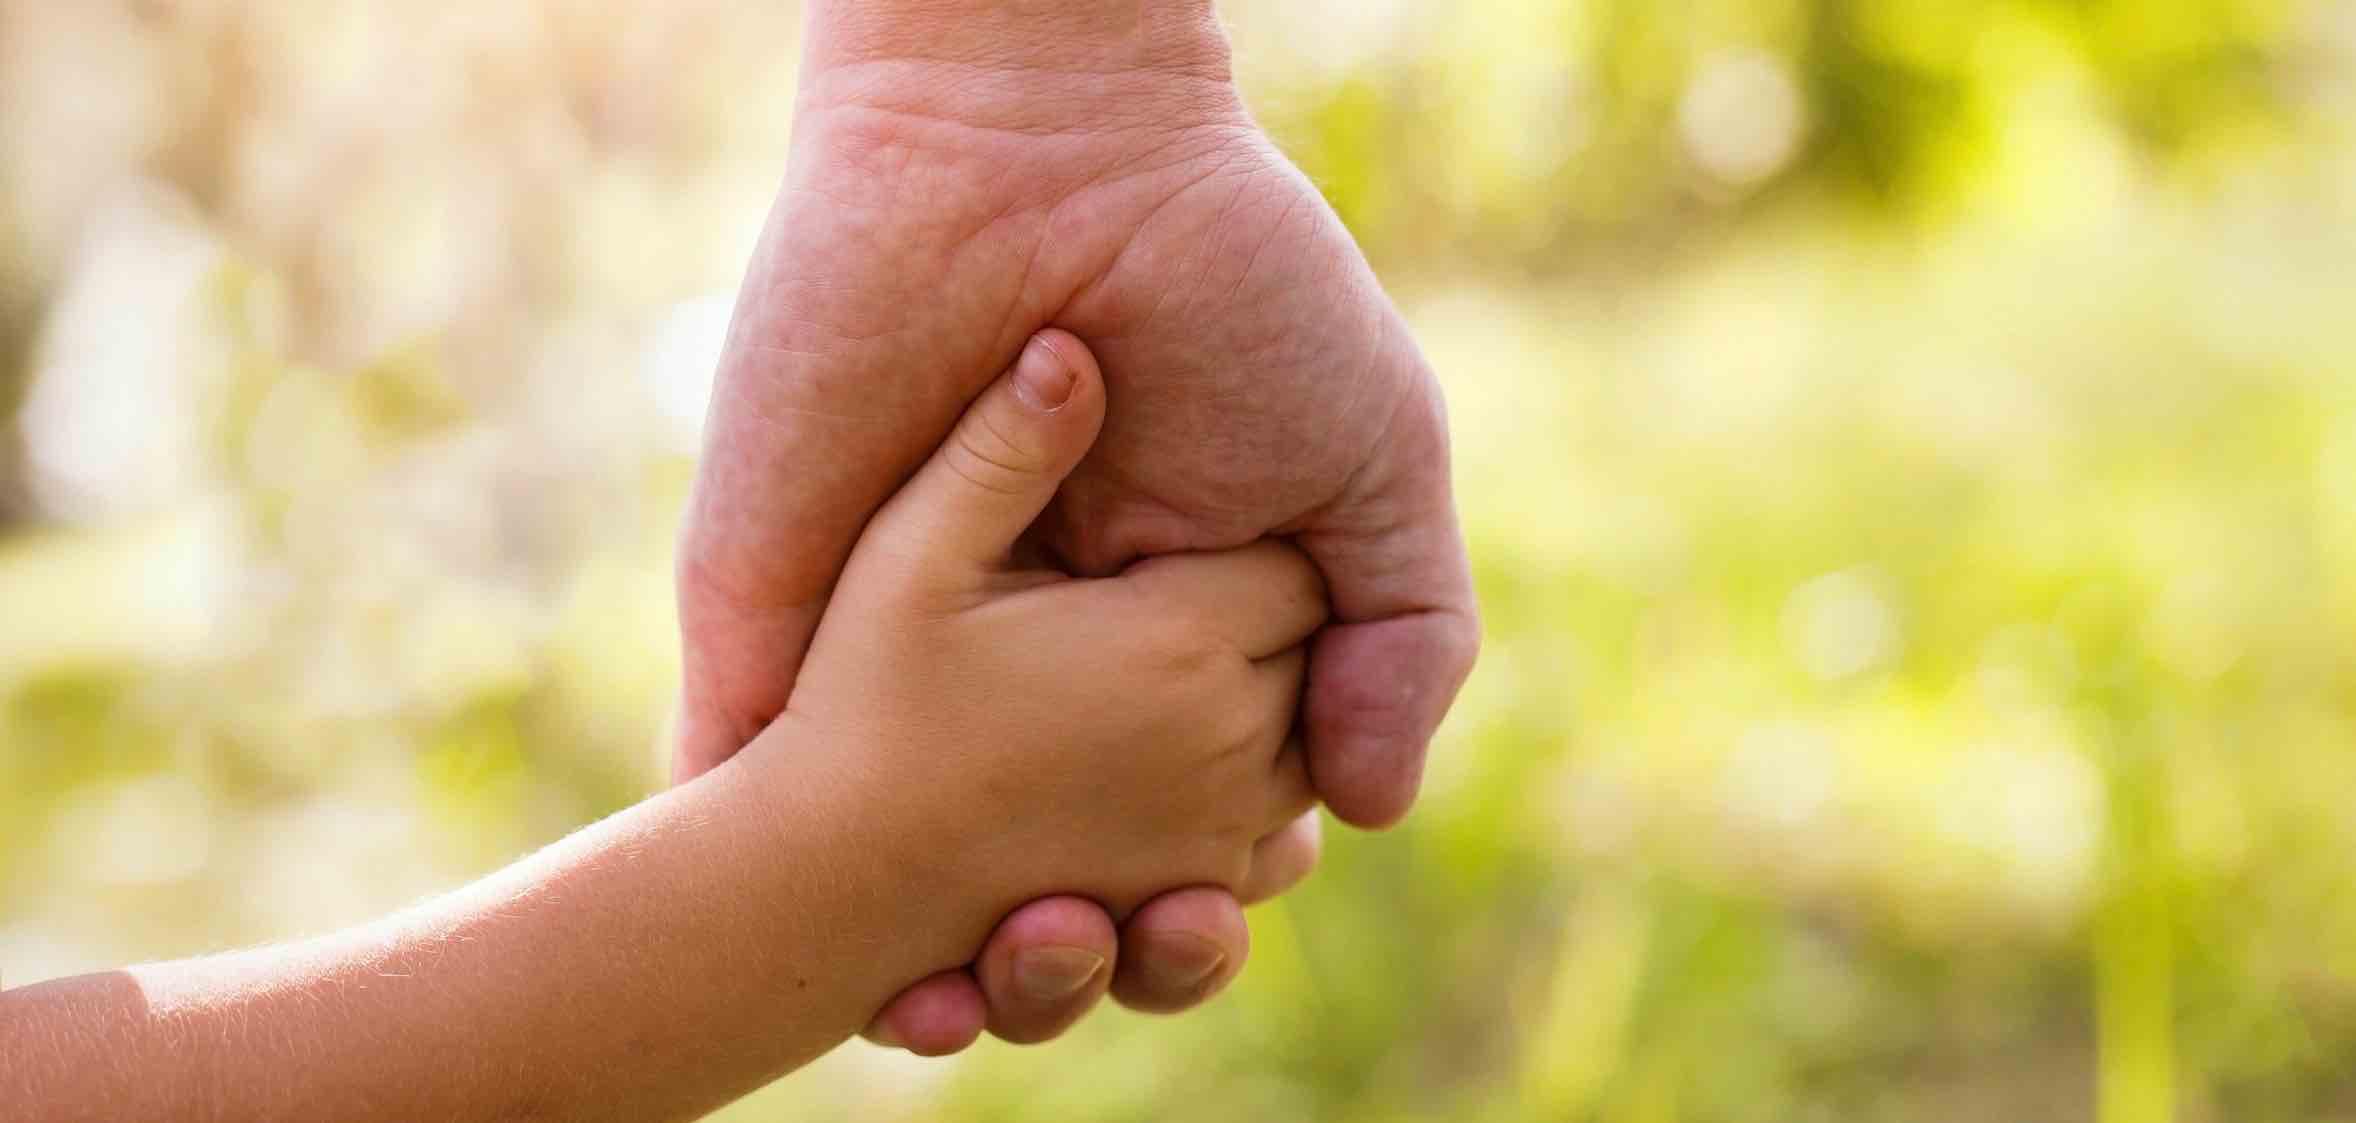 Arbeiten bei itemis: Wie sich Familie und Beruf vereinbaren lassen - Preview image